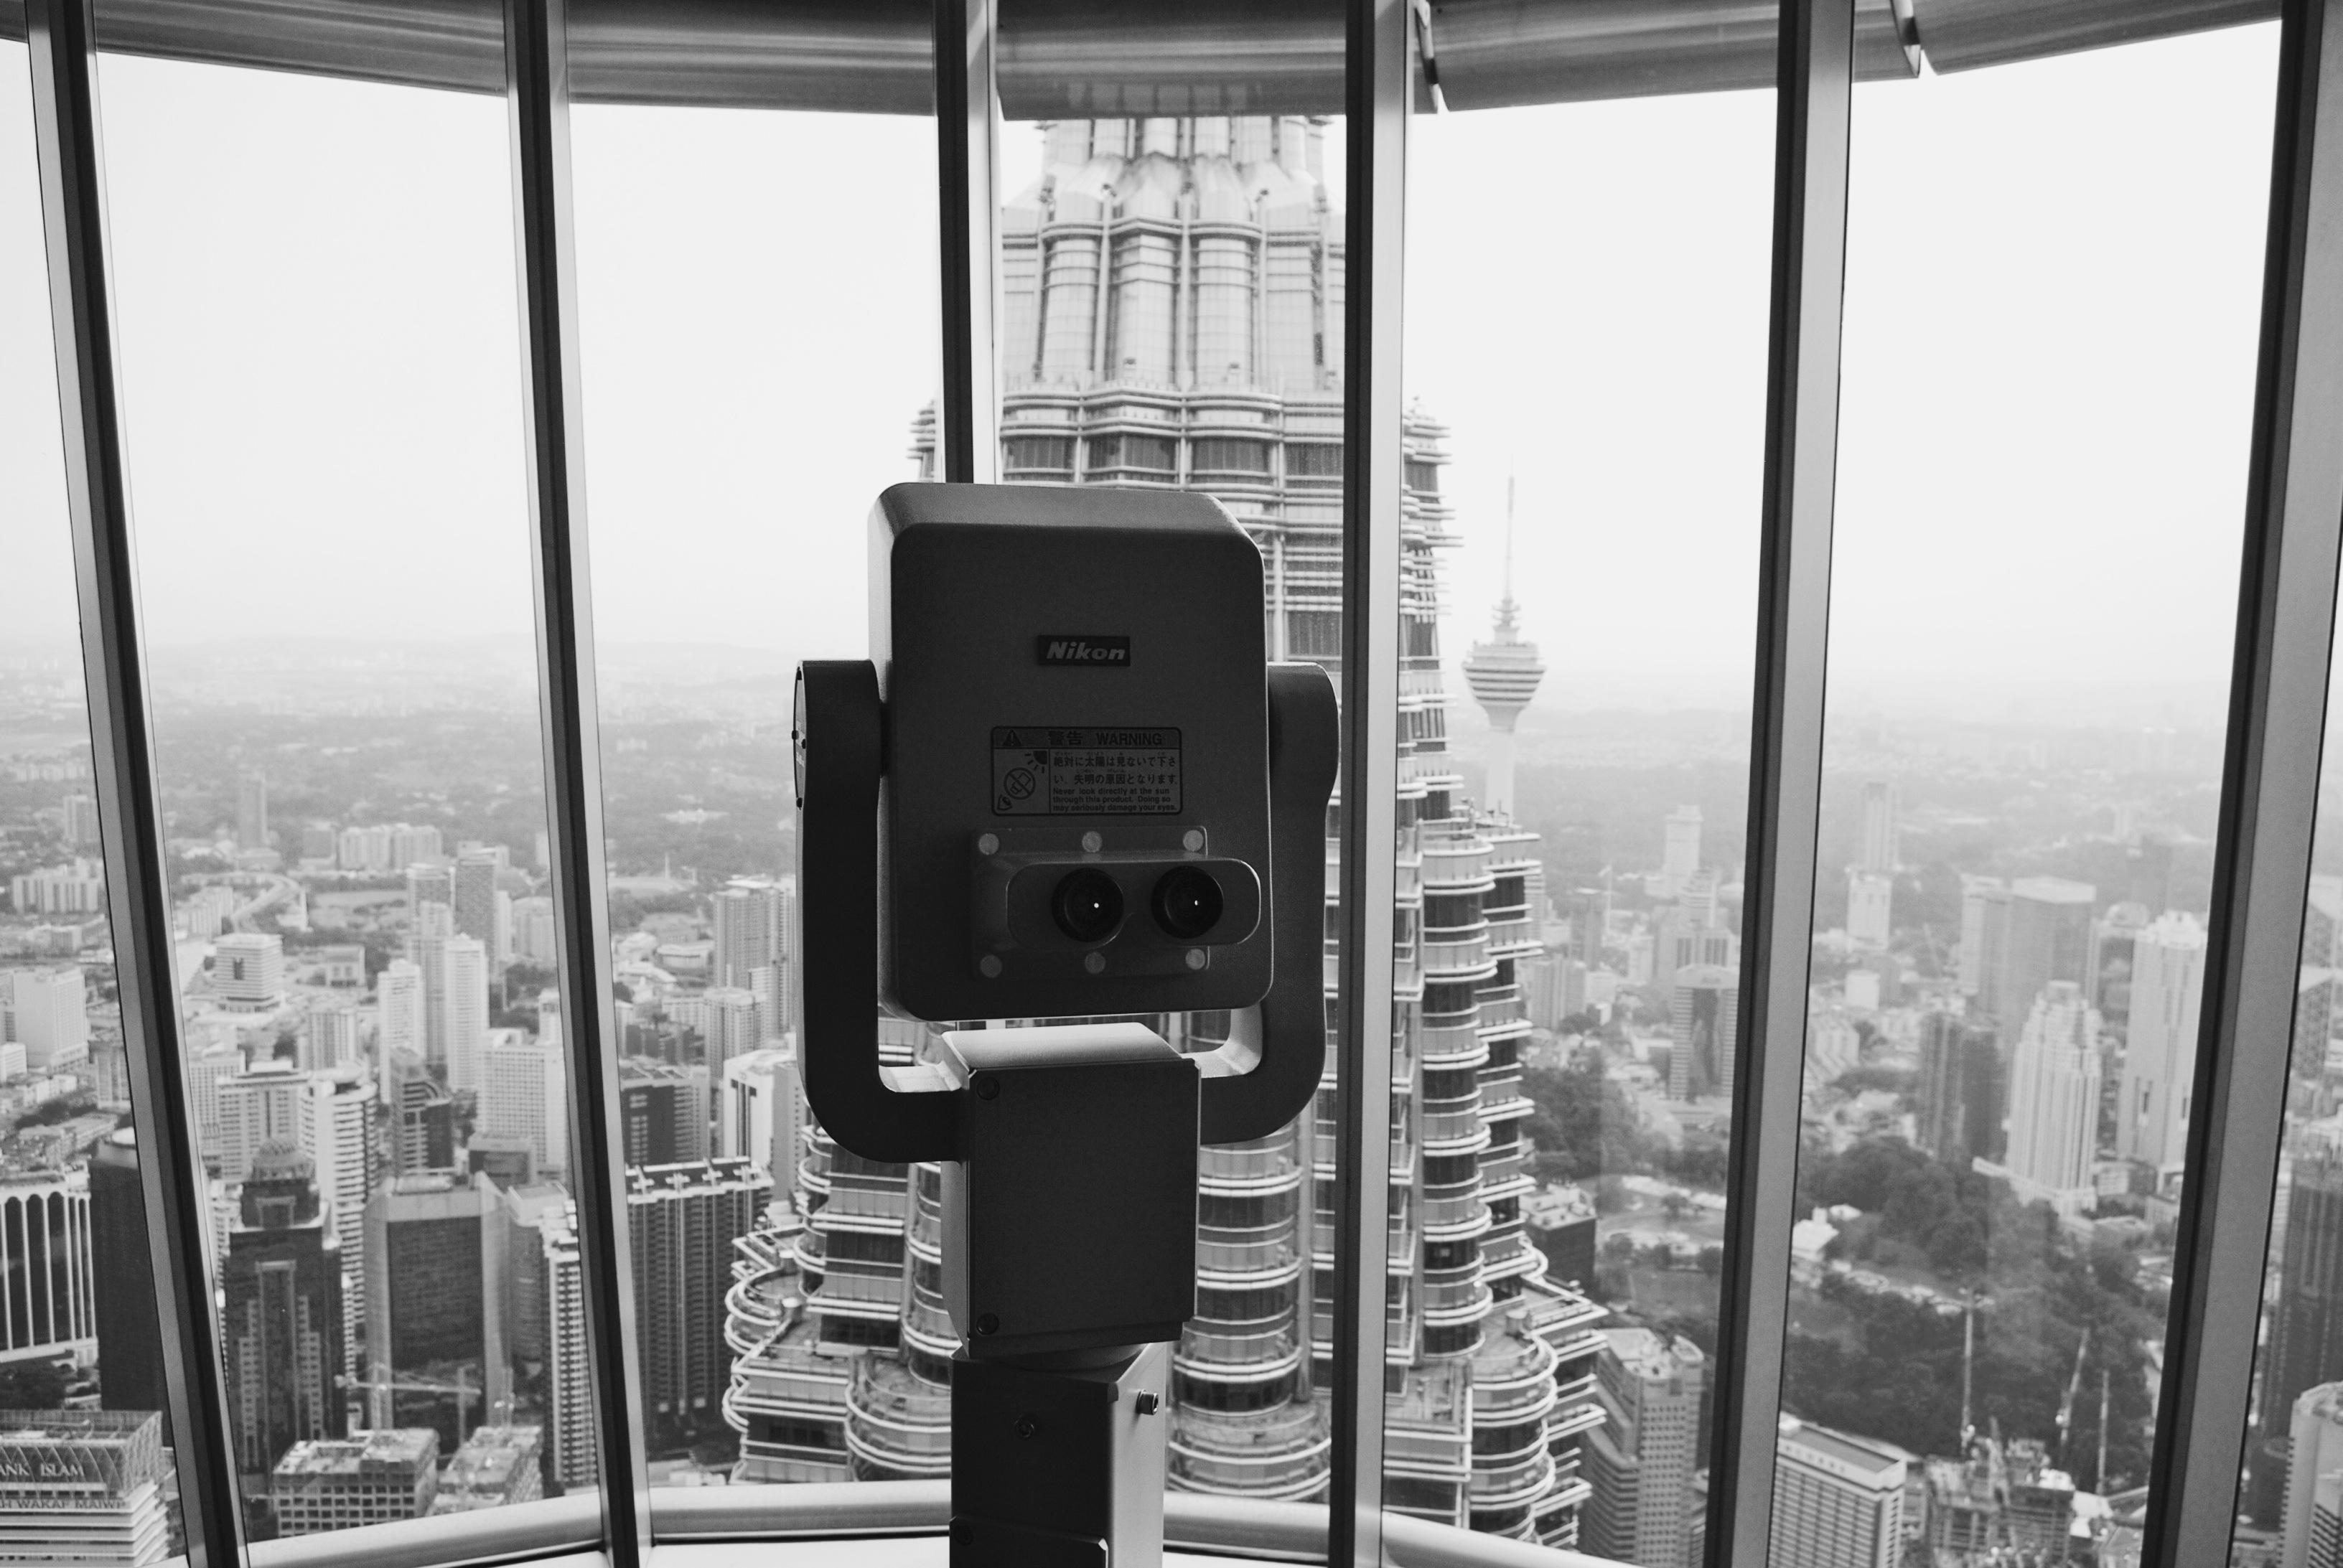 Desde os cinco anos de idade que eu sonhava em conhecer Kuala Lumpur, pois tinha uma amiga de infância na escola, que era da Malásia e ela sempre me falava sobre as famosas torres gêmeas,as Petronas Twin Towers. Em 2012, depois de muitos anos, nossa família reencontrou com esses amigos malaios em Kuala Lumpur, e visitamos as torres juntos. Do observatório, pode-se ver outra torre, exatamente paralela, e a ponte que as conecta, além de toda a cidade de Kuala Lumpur. O sudeste asiático é uma região fascinante, com culturas muito interessantes, e diferentes da nossa. E eu adoro viagens assim, aonde se aprende mais sobre a vida das pessoas do outro lado do mundo!  Consuelo, mais uma vez, obrigado pela iniciativa! Bjs, Daniel www.myworldatyourfingertips.com